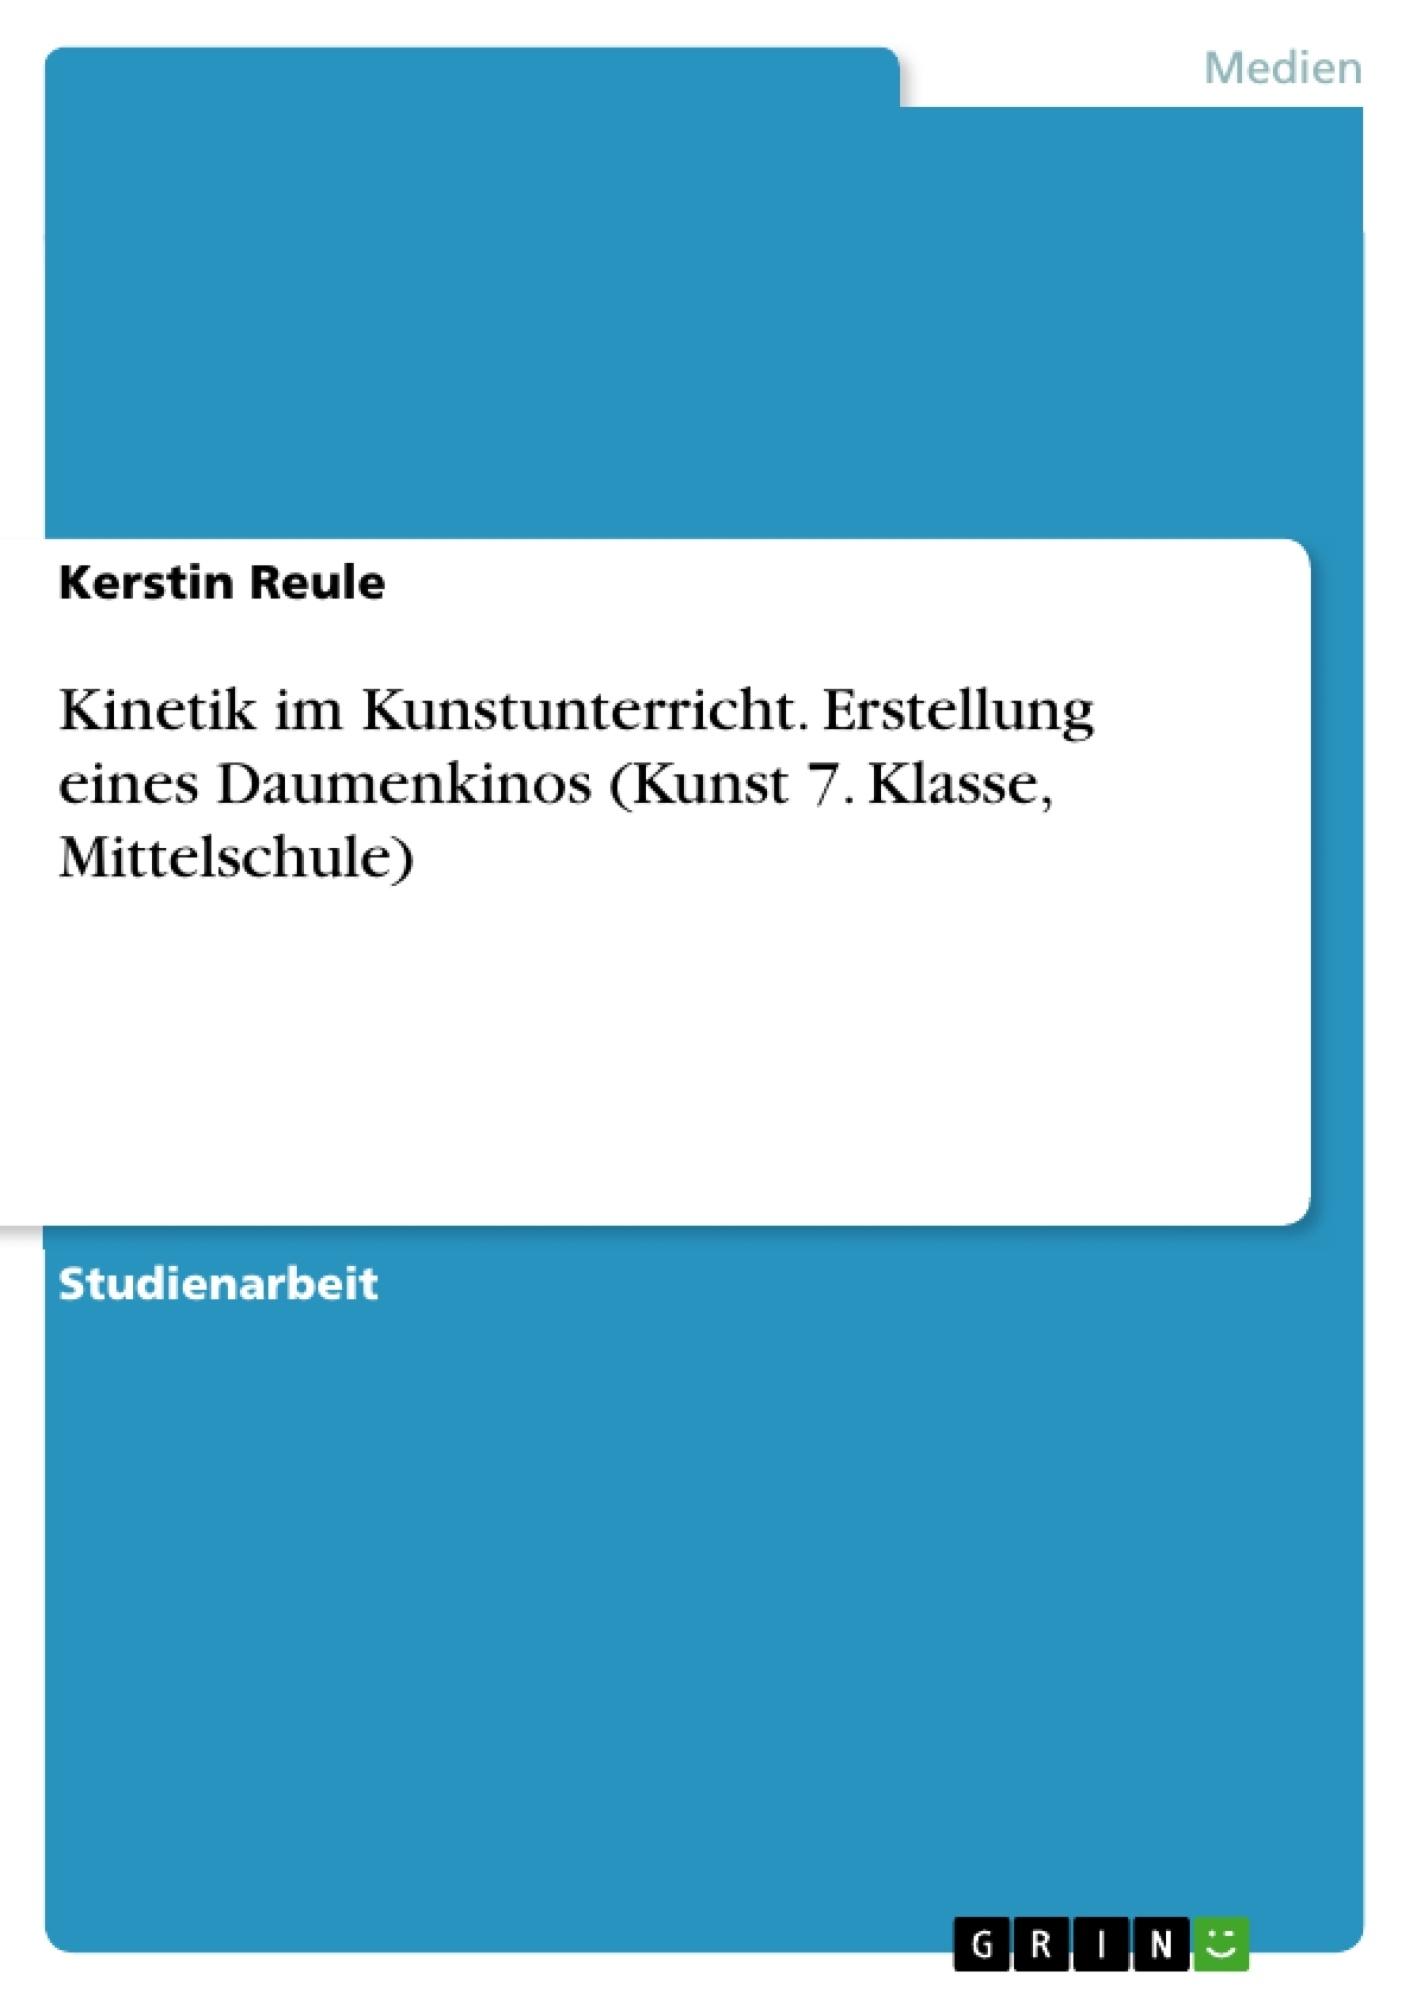 Titel: Kinetik im Kunstunterricht. Erstellung eines Daumenkinos (Kunst 7. Klasse, Mittelschule)